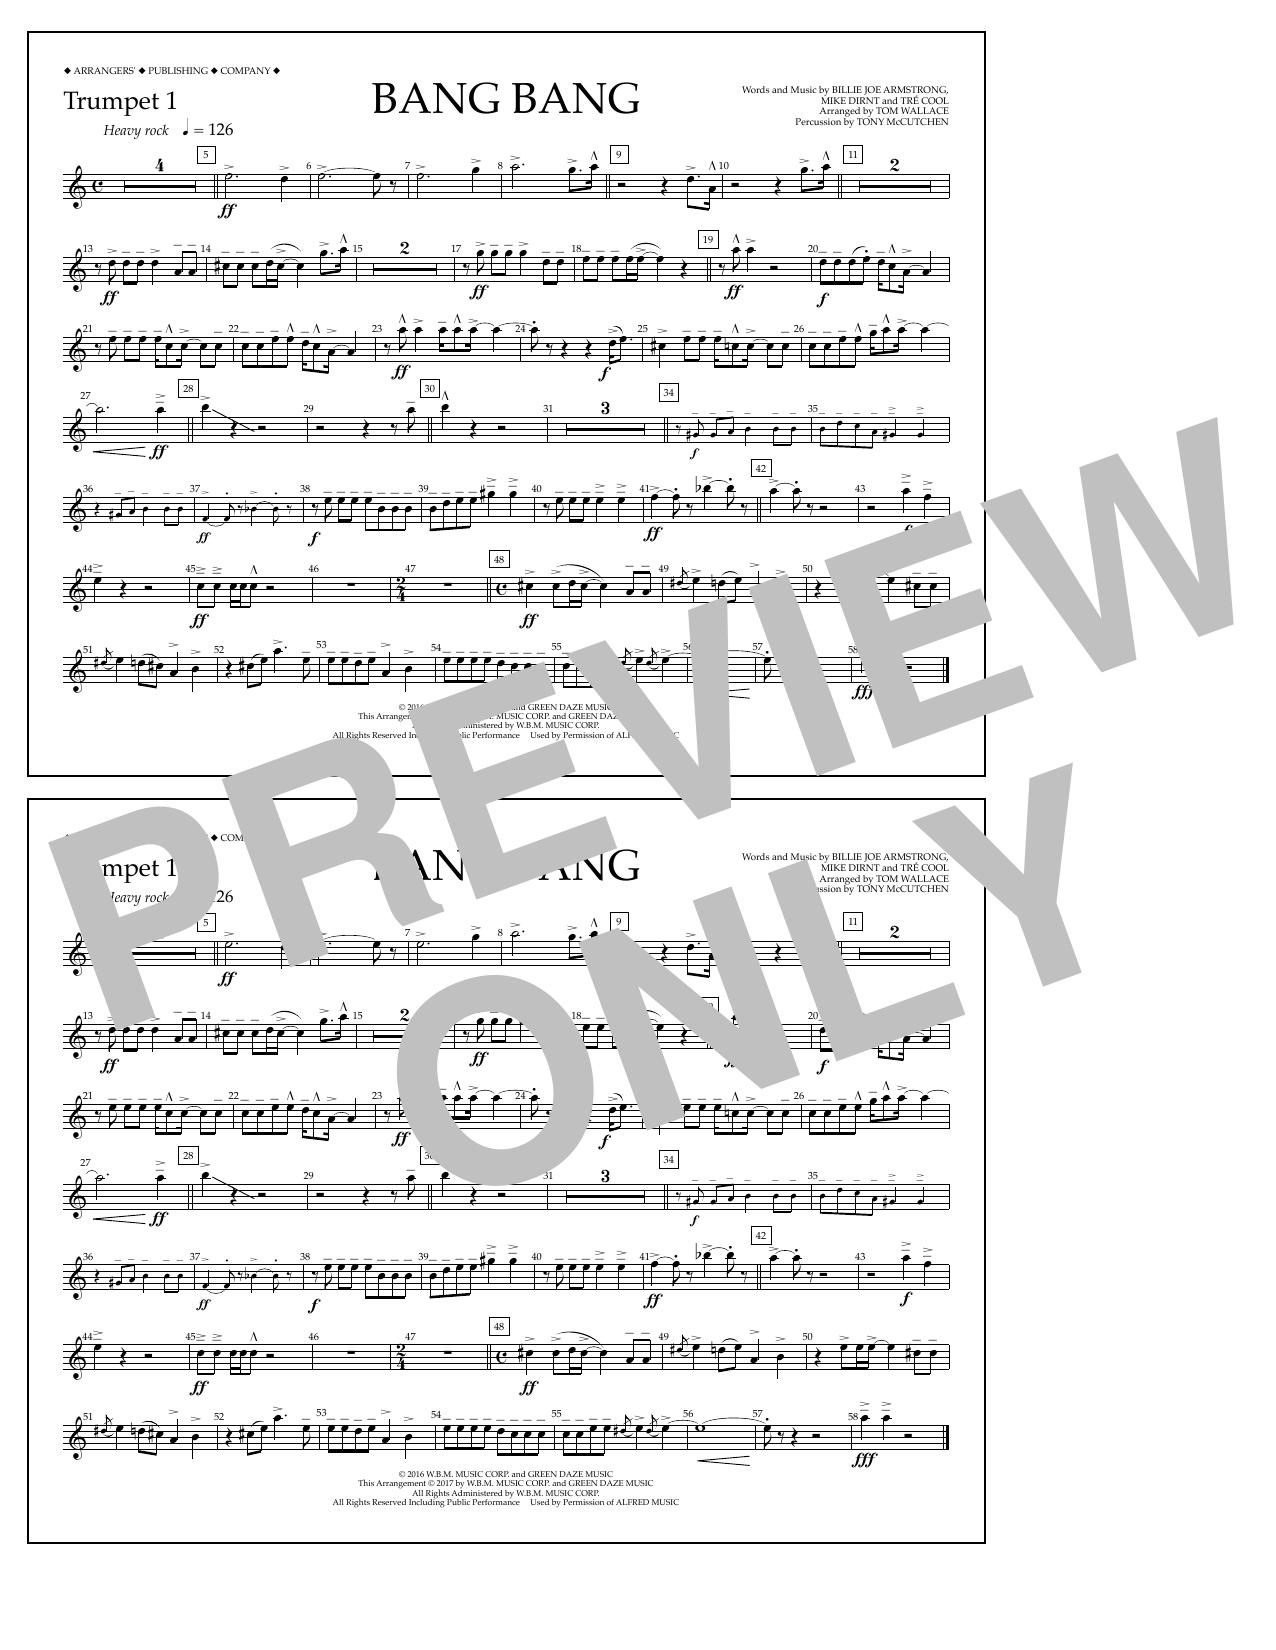 Bang Bang - Trumpet 1 Sheet Music